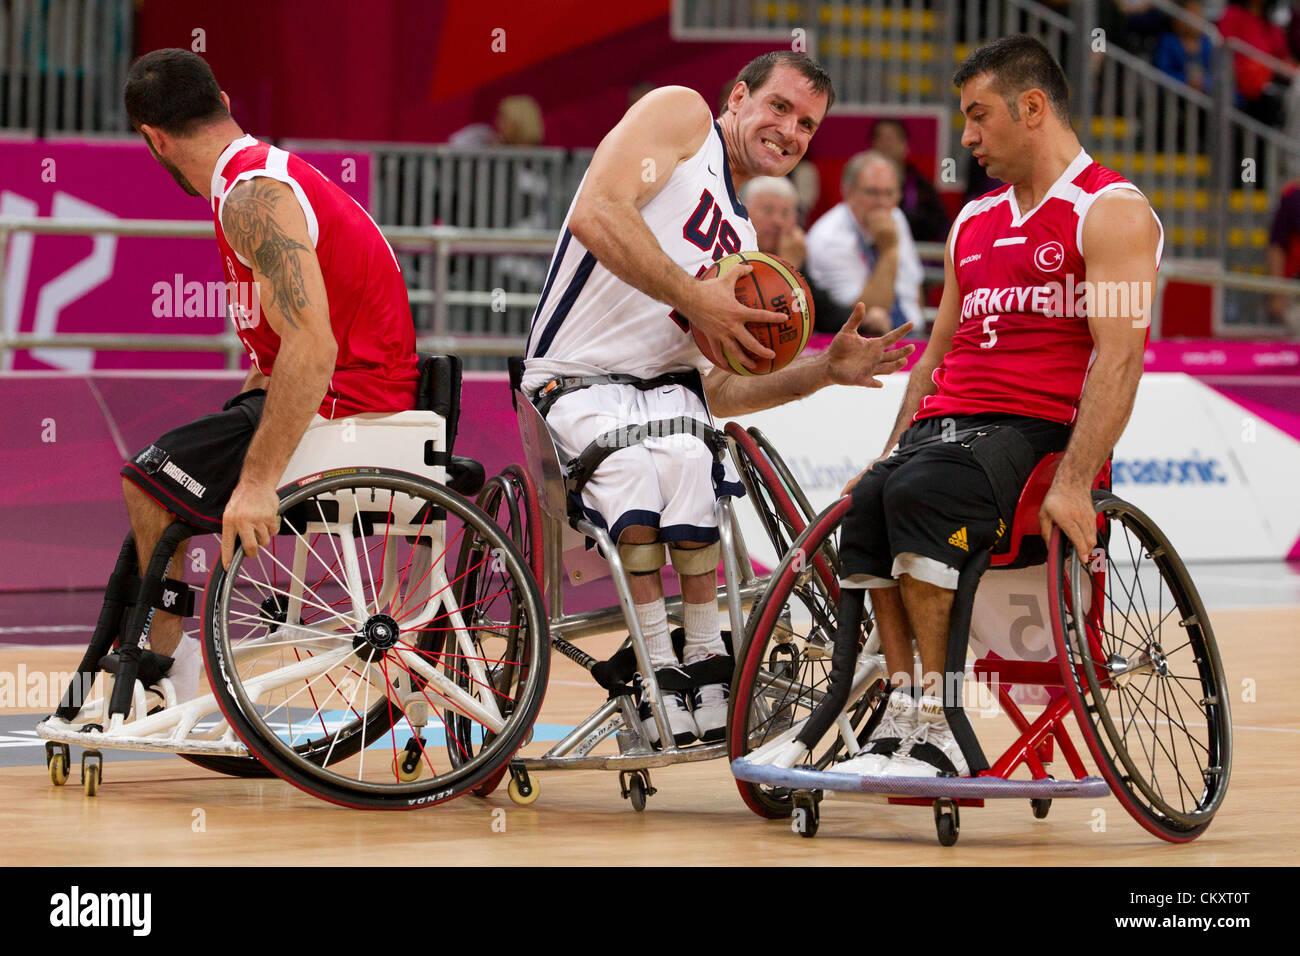 Stati Uniti d'America's Joshua Turek stringe tra due turche durante il basket in carrozzella gioco al 2012 Immagini Stock